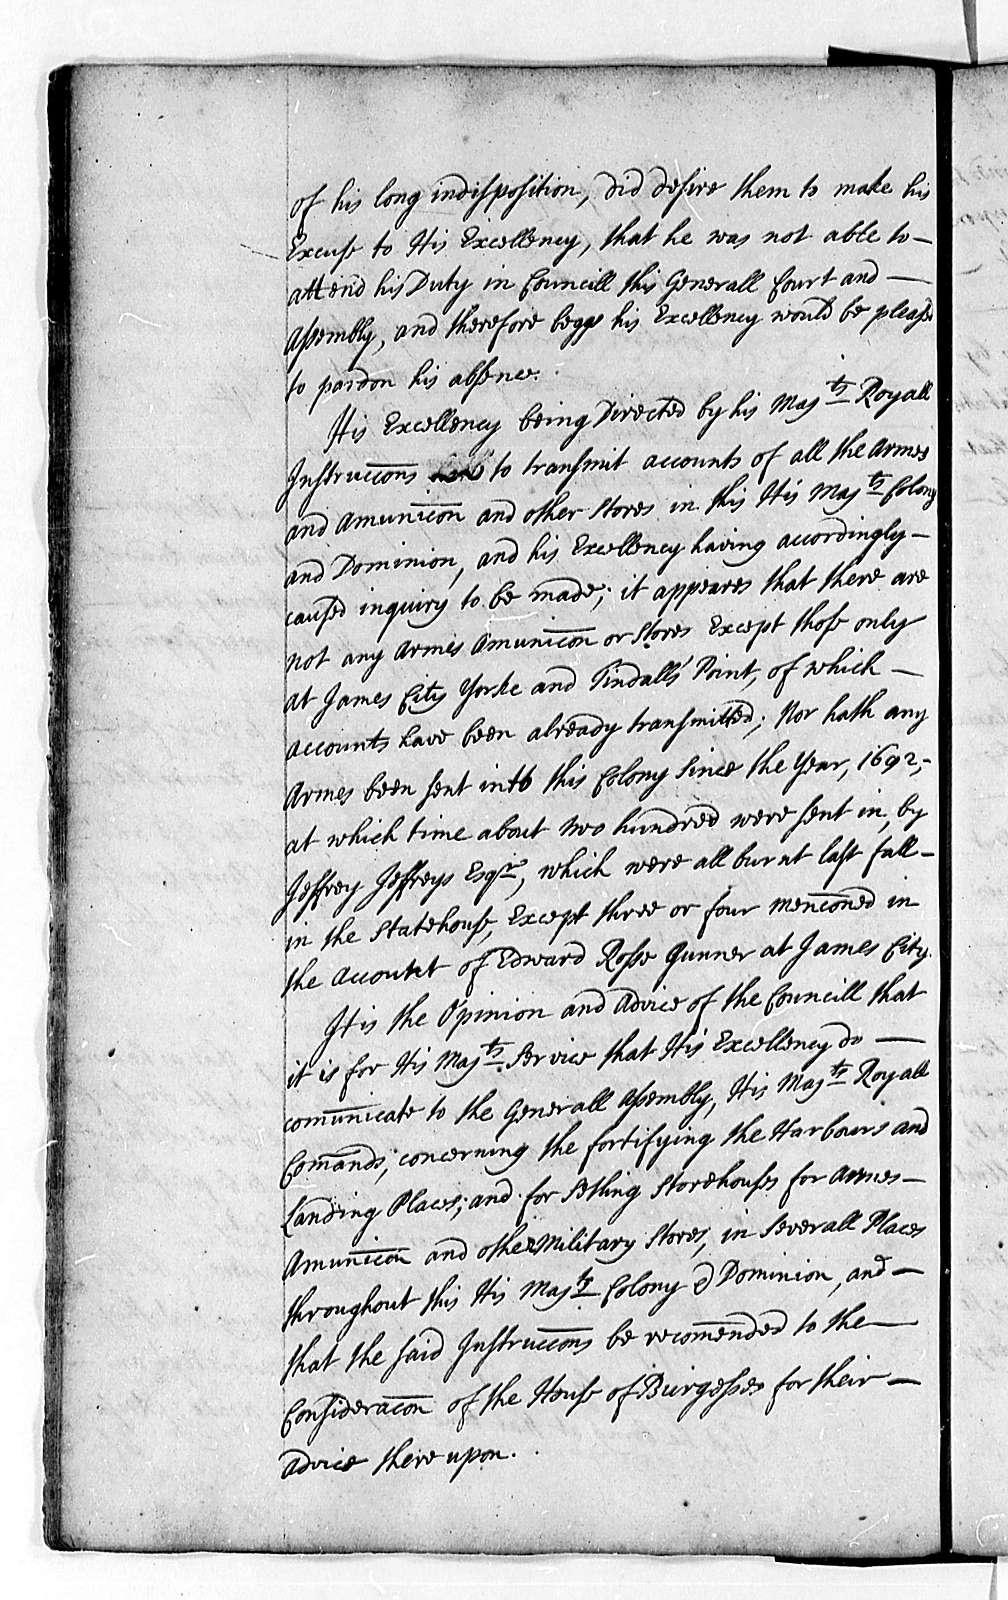 Virginia Executive Council, 1698-1700, Transactions